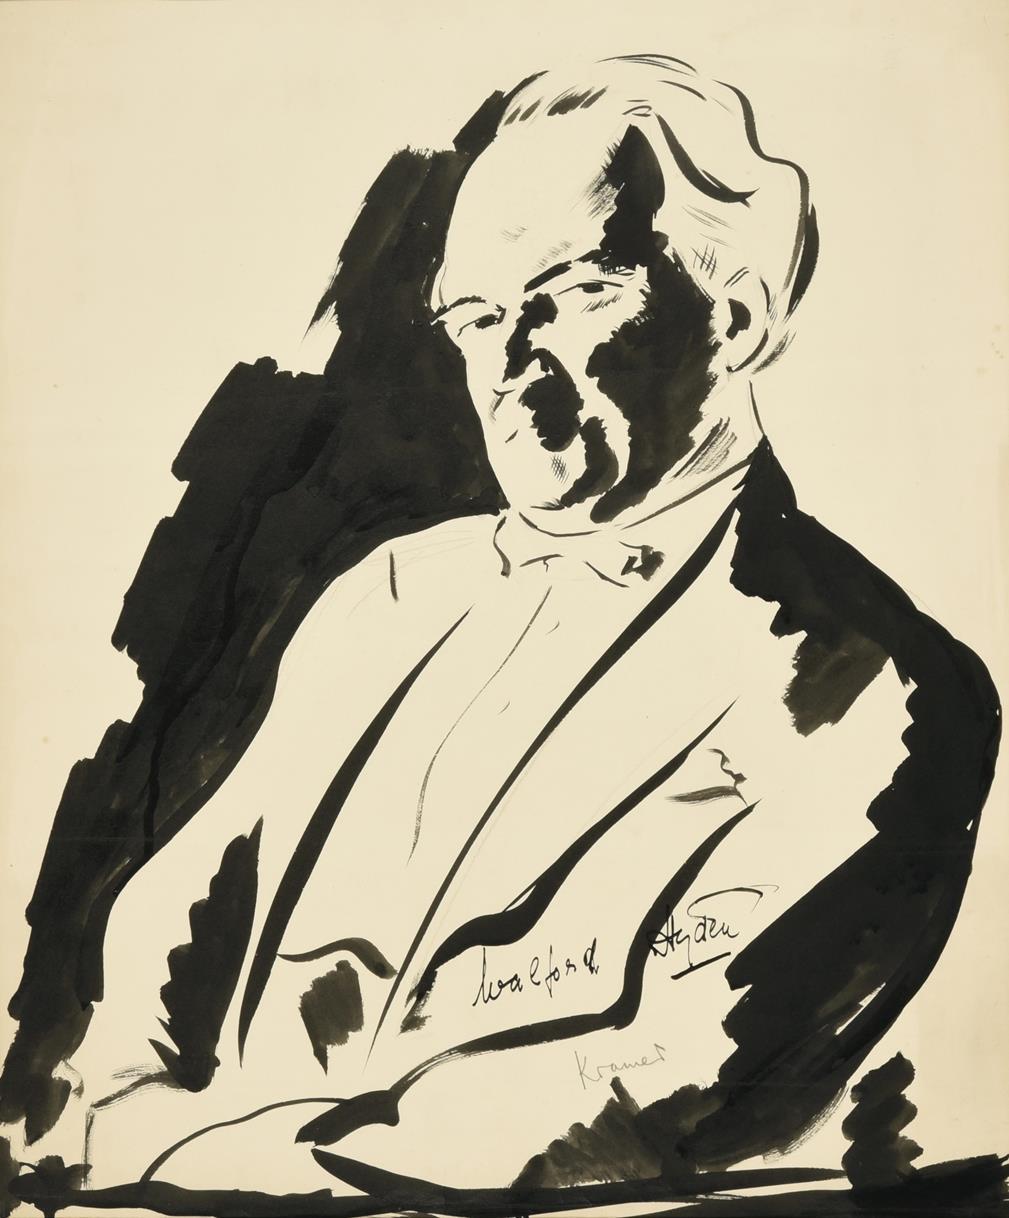 Jacob Kramer (1892-1962) ''Walford Hyden'', half length portrait Signed in pencil, inscribed in ink,